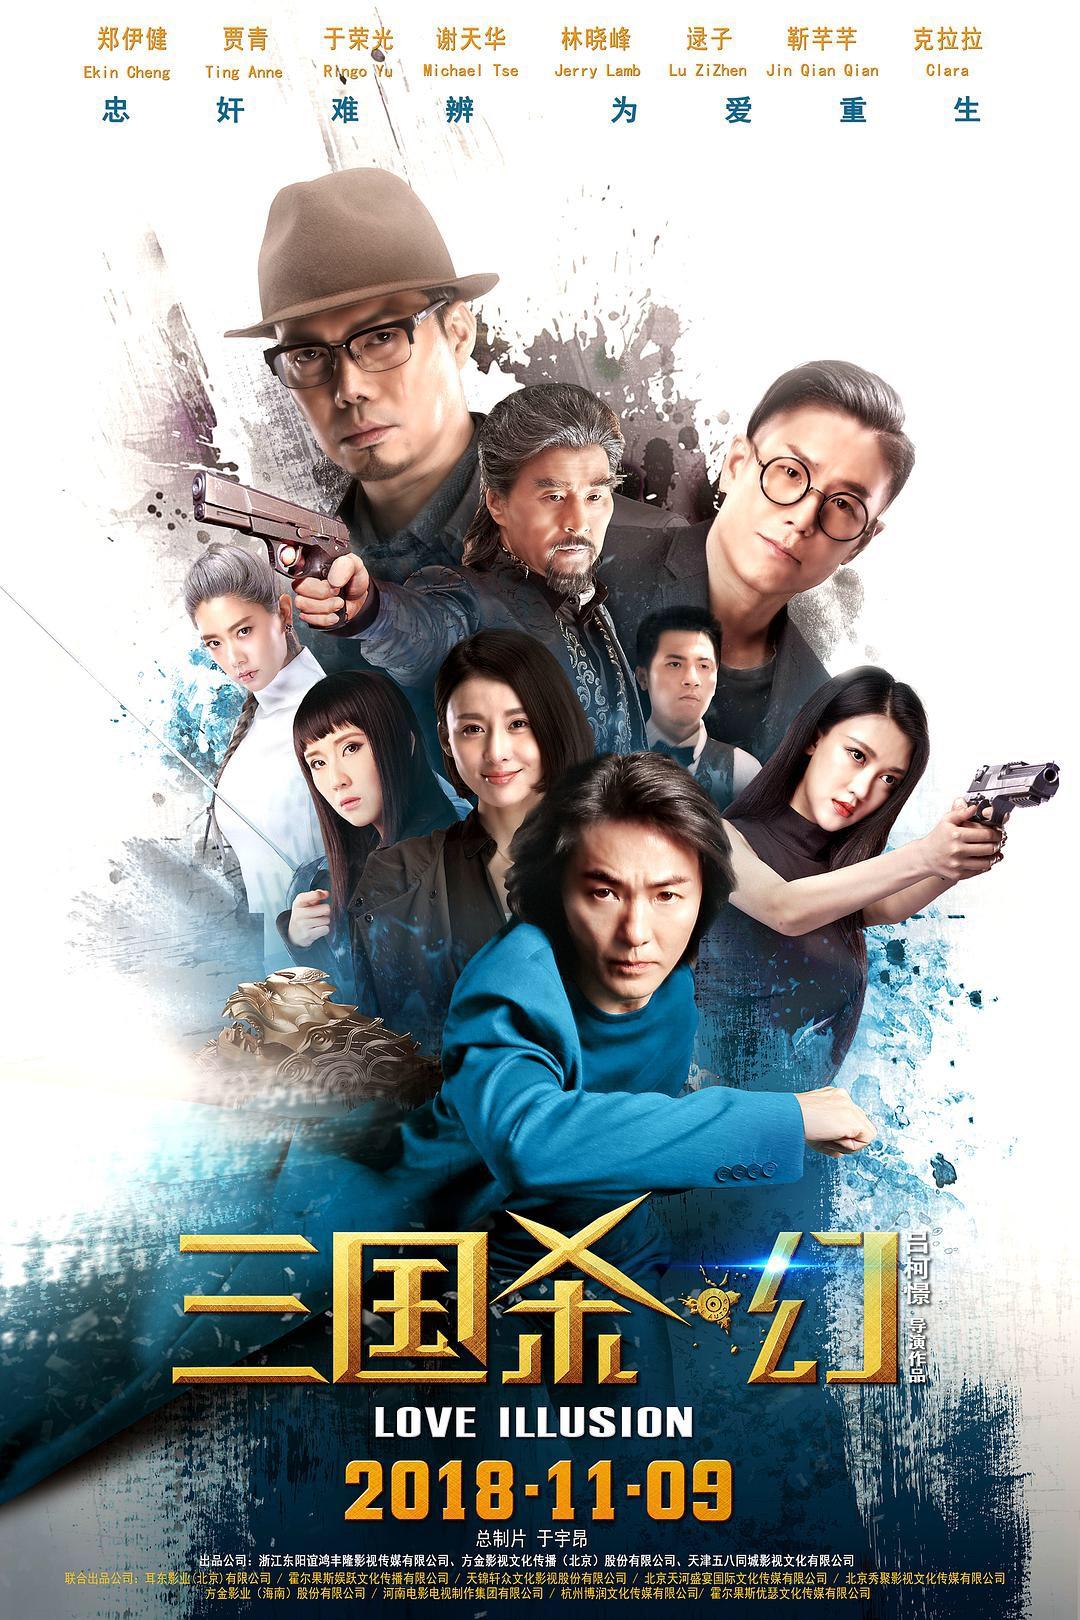 11月最全院线指南:好莱坞全面发力 周迅扛鼎华语片